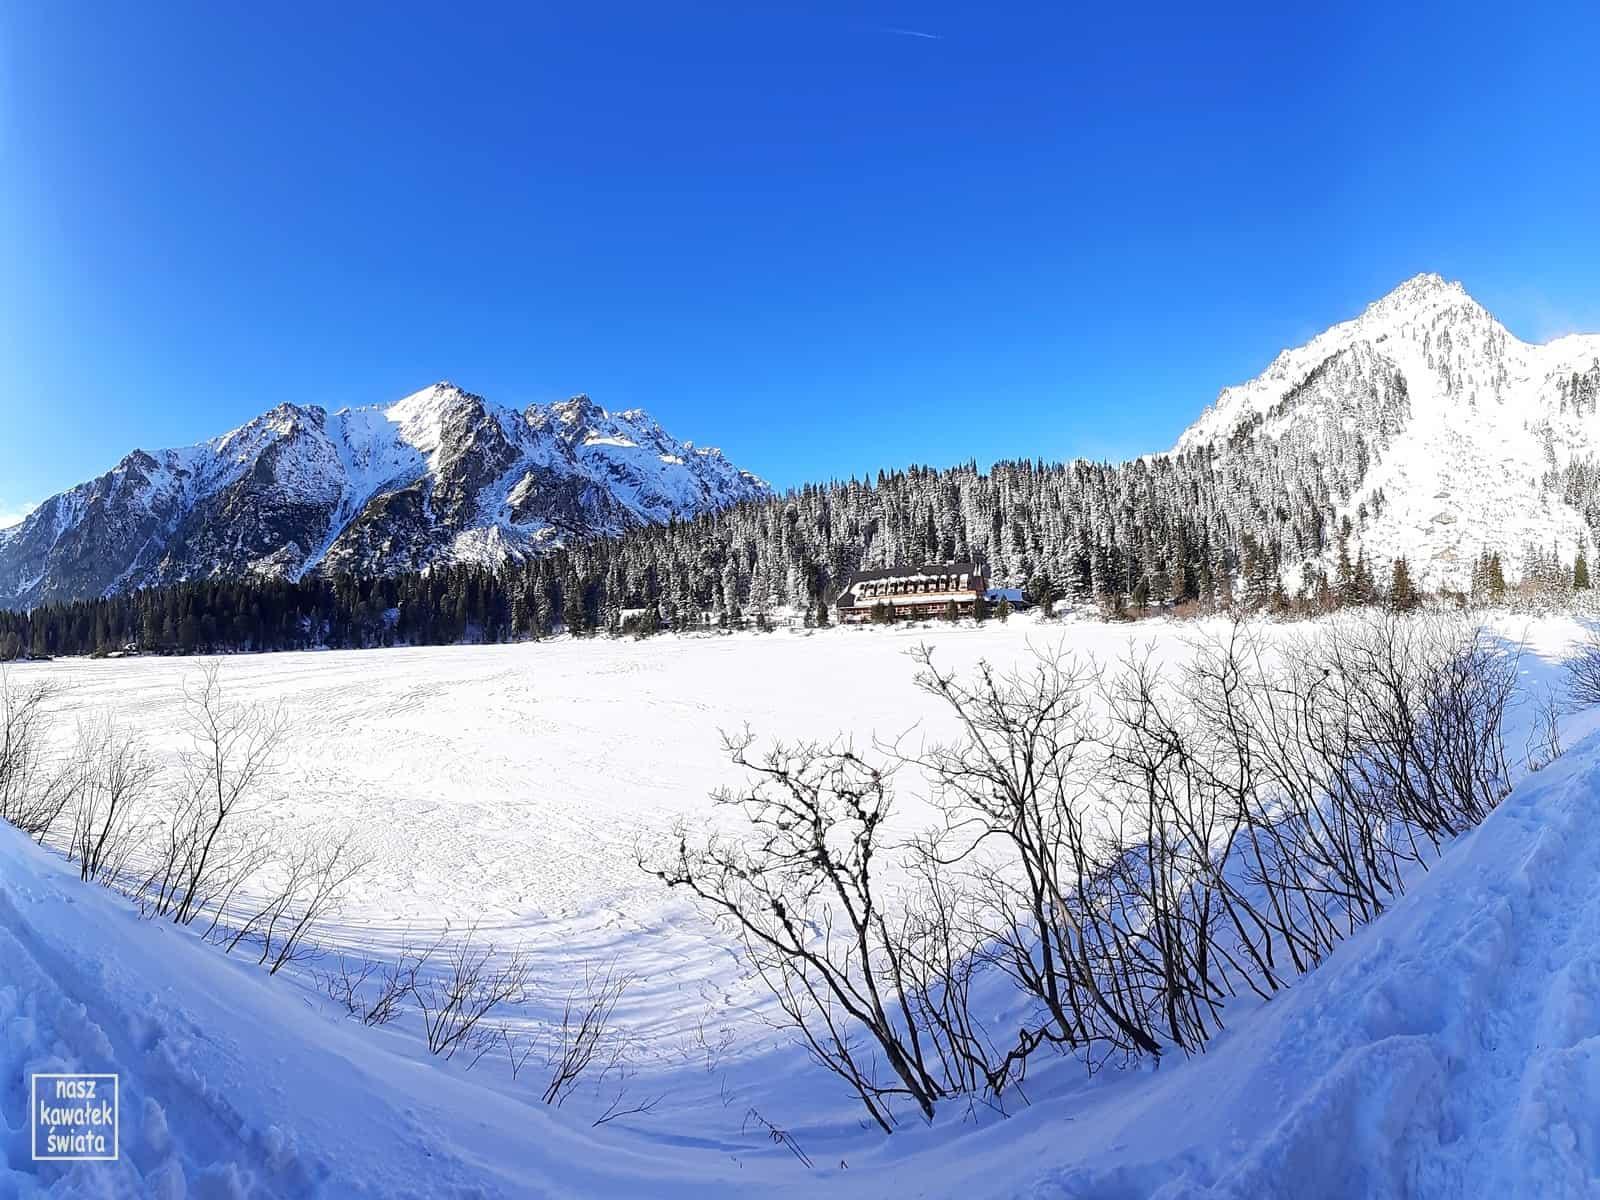 Popradzki Staw. Widok z brzegu jeziora na schronisko.